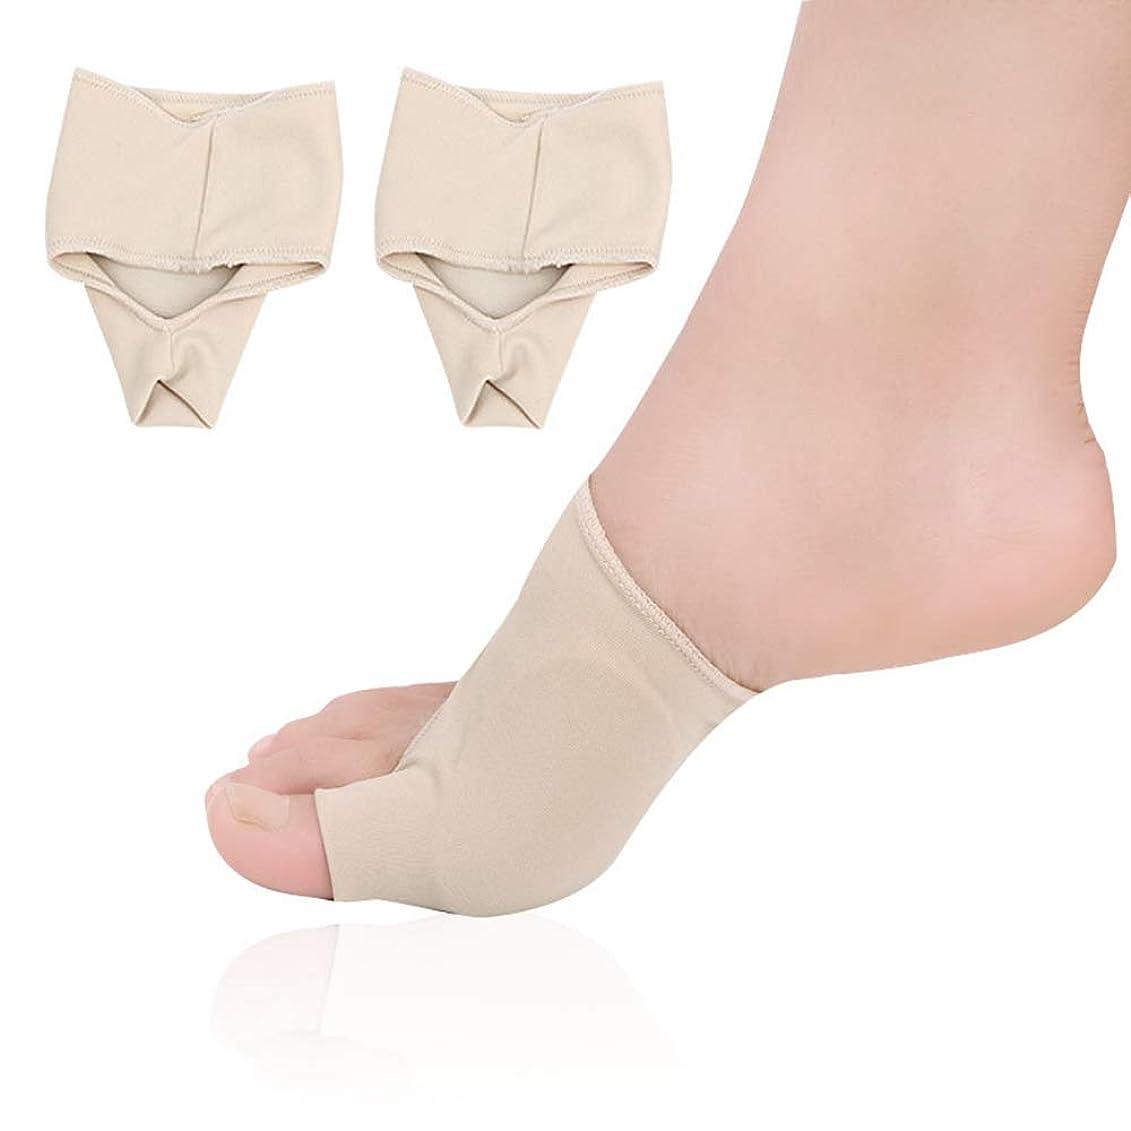 ハードウェアハブブしなければならないつま先矯正靴下ケアつま先防止重複伸縮性の高いダンピング吸収汗通気性ライクラSEBS布,5pairs,L